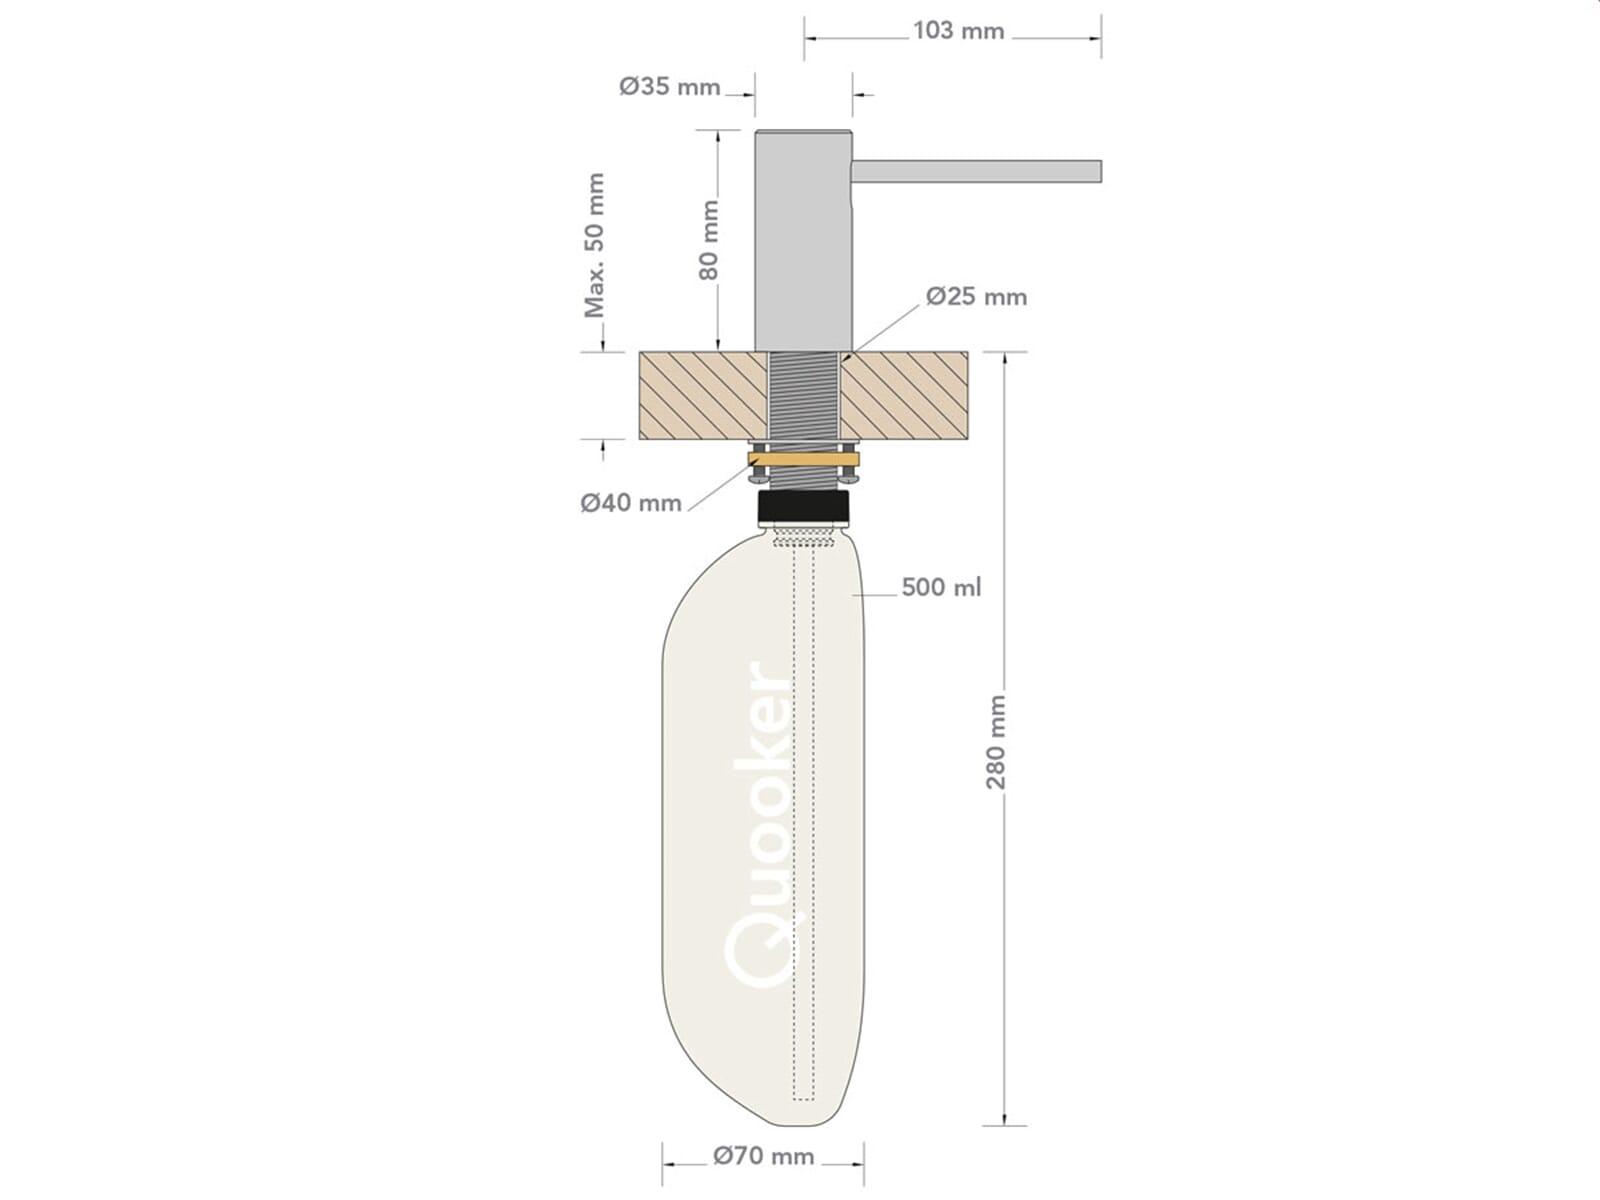 QUOOKER Nordic Seifenspender CHR (verchromt glänzend) / 75 mm